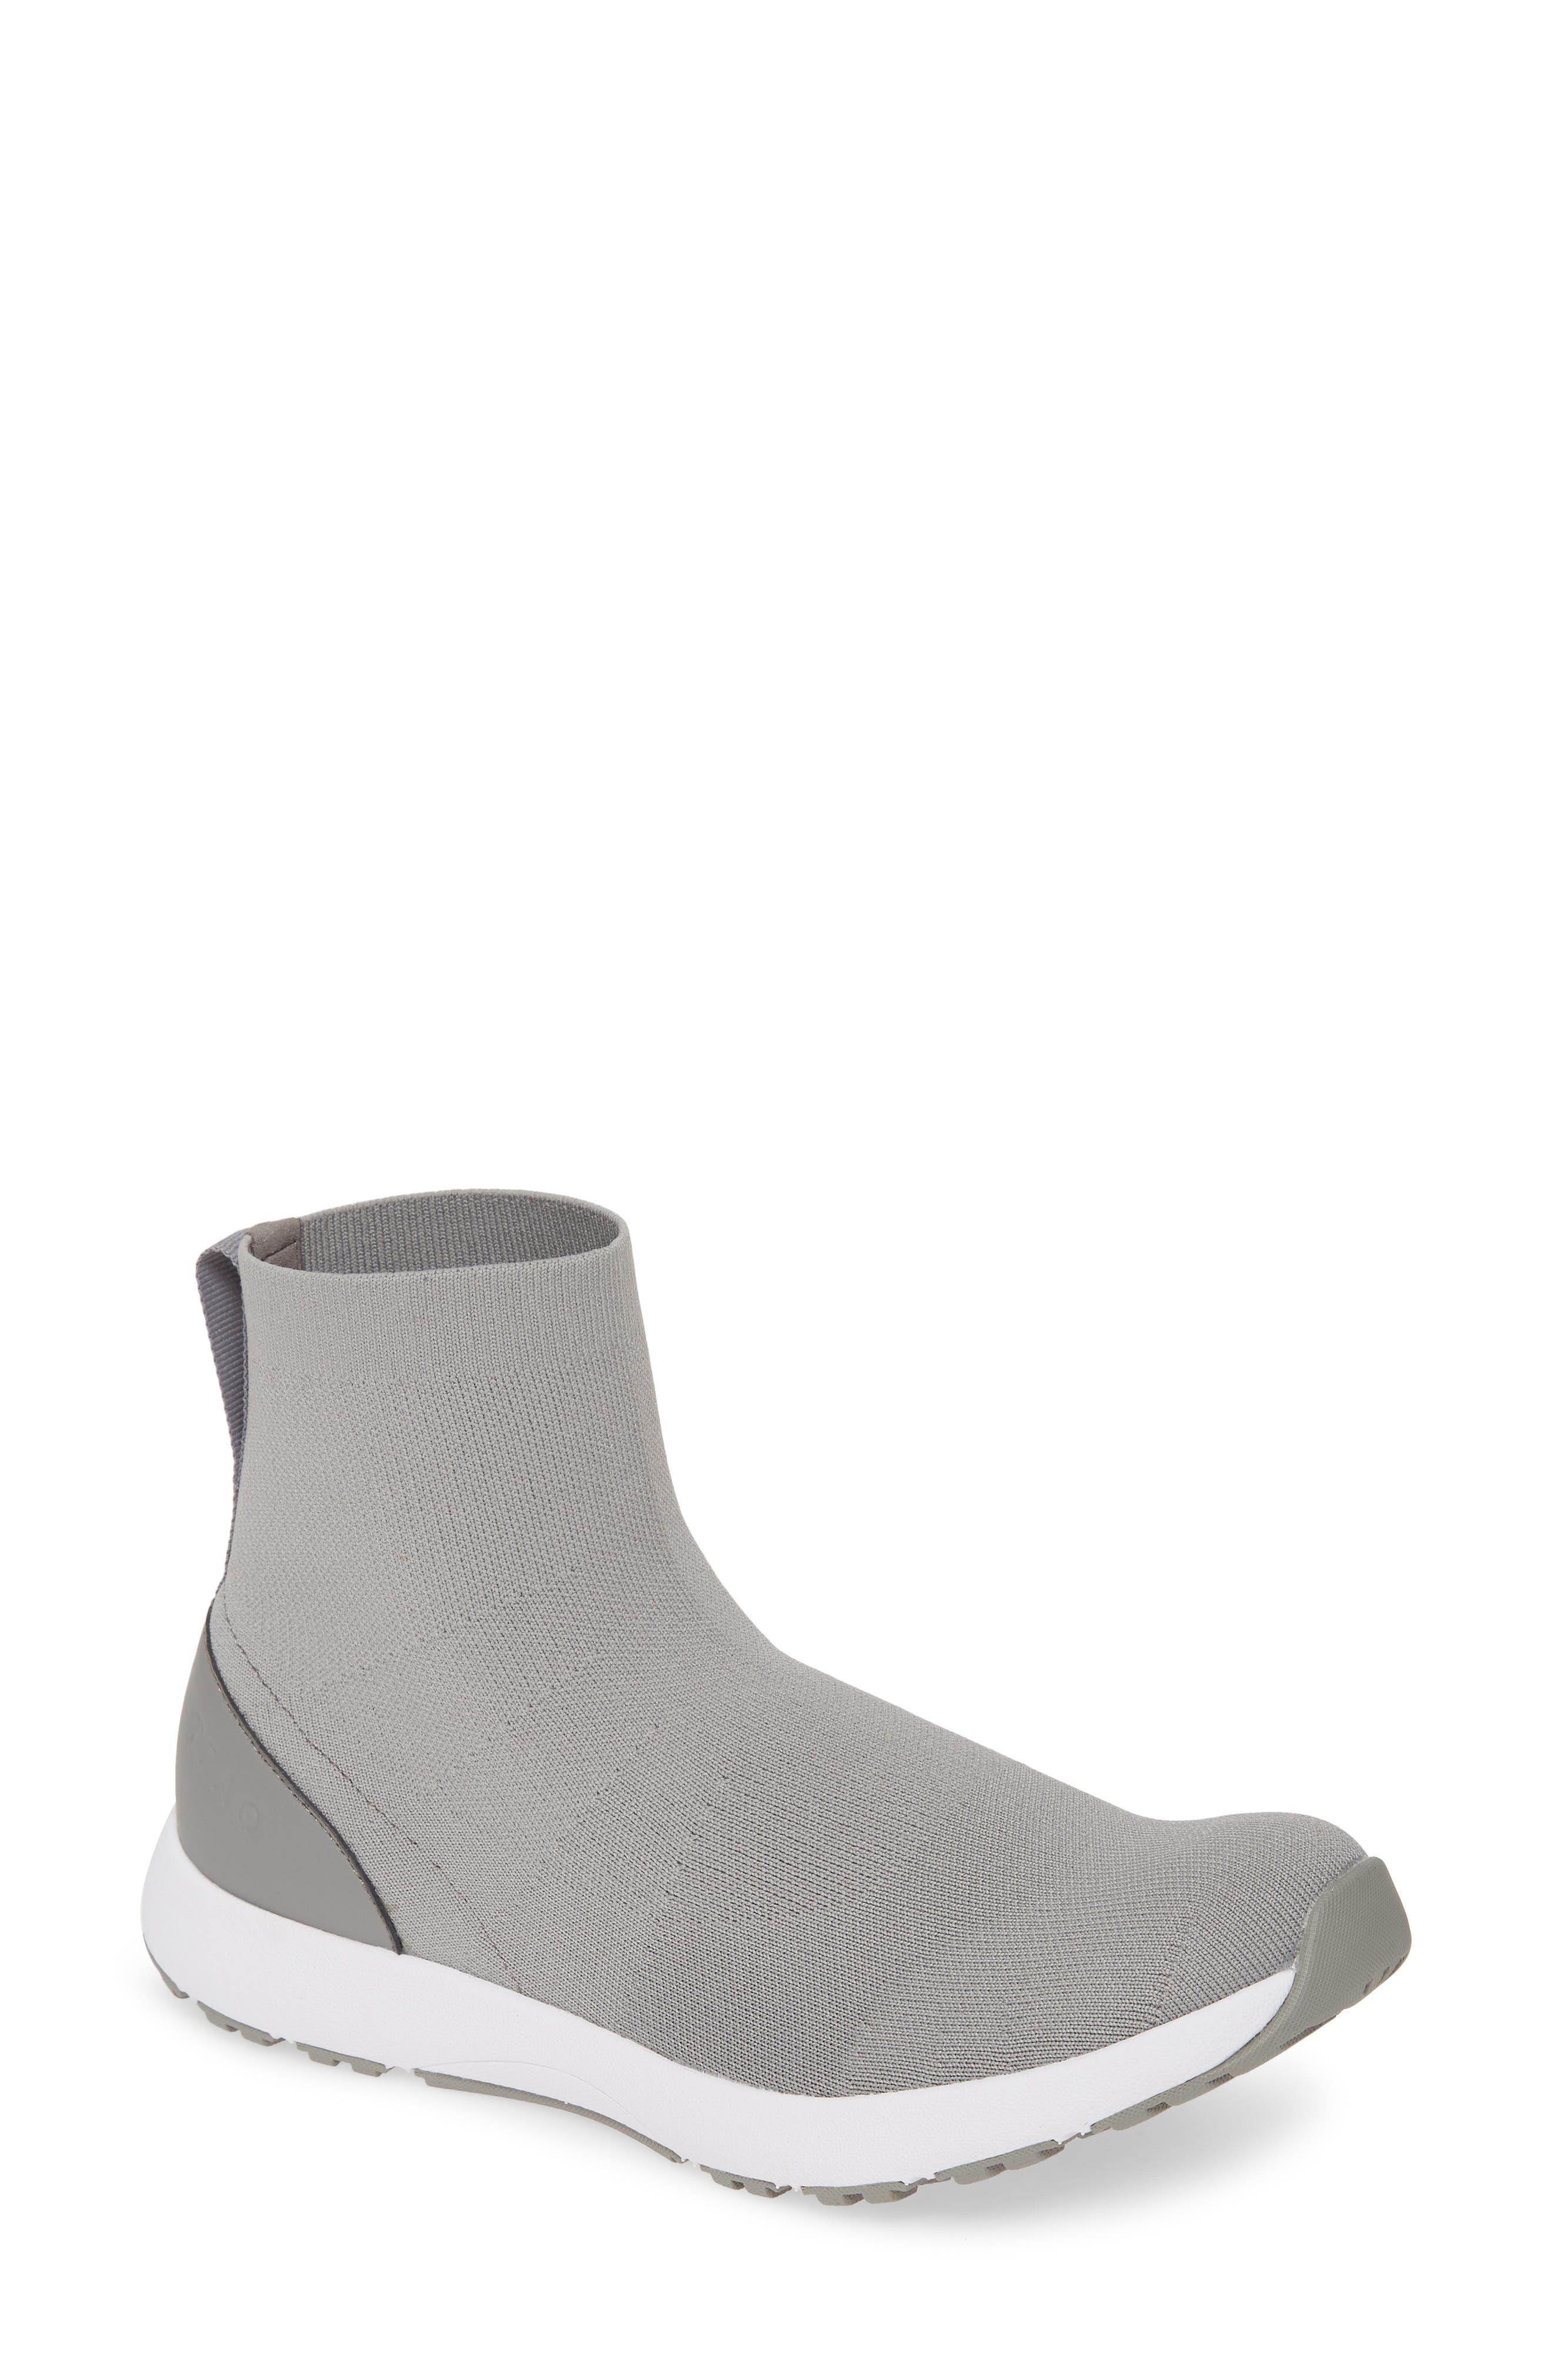 Women's Alegria Qirk Slip-On Sneaker